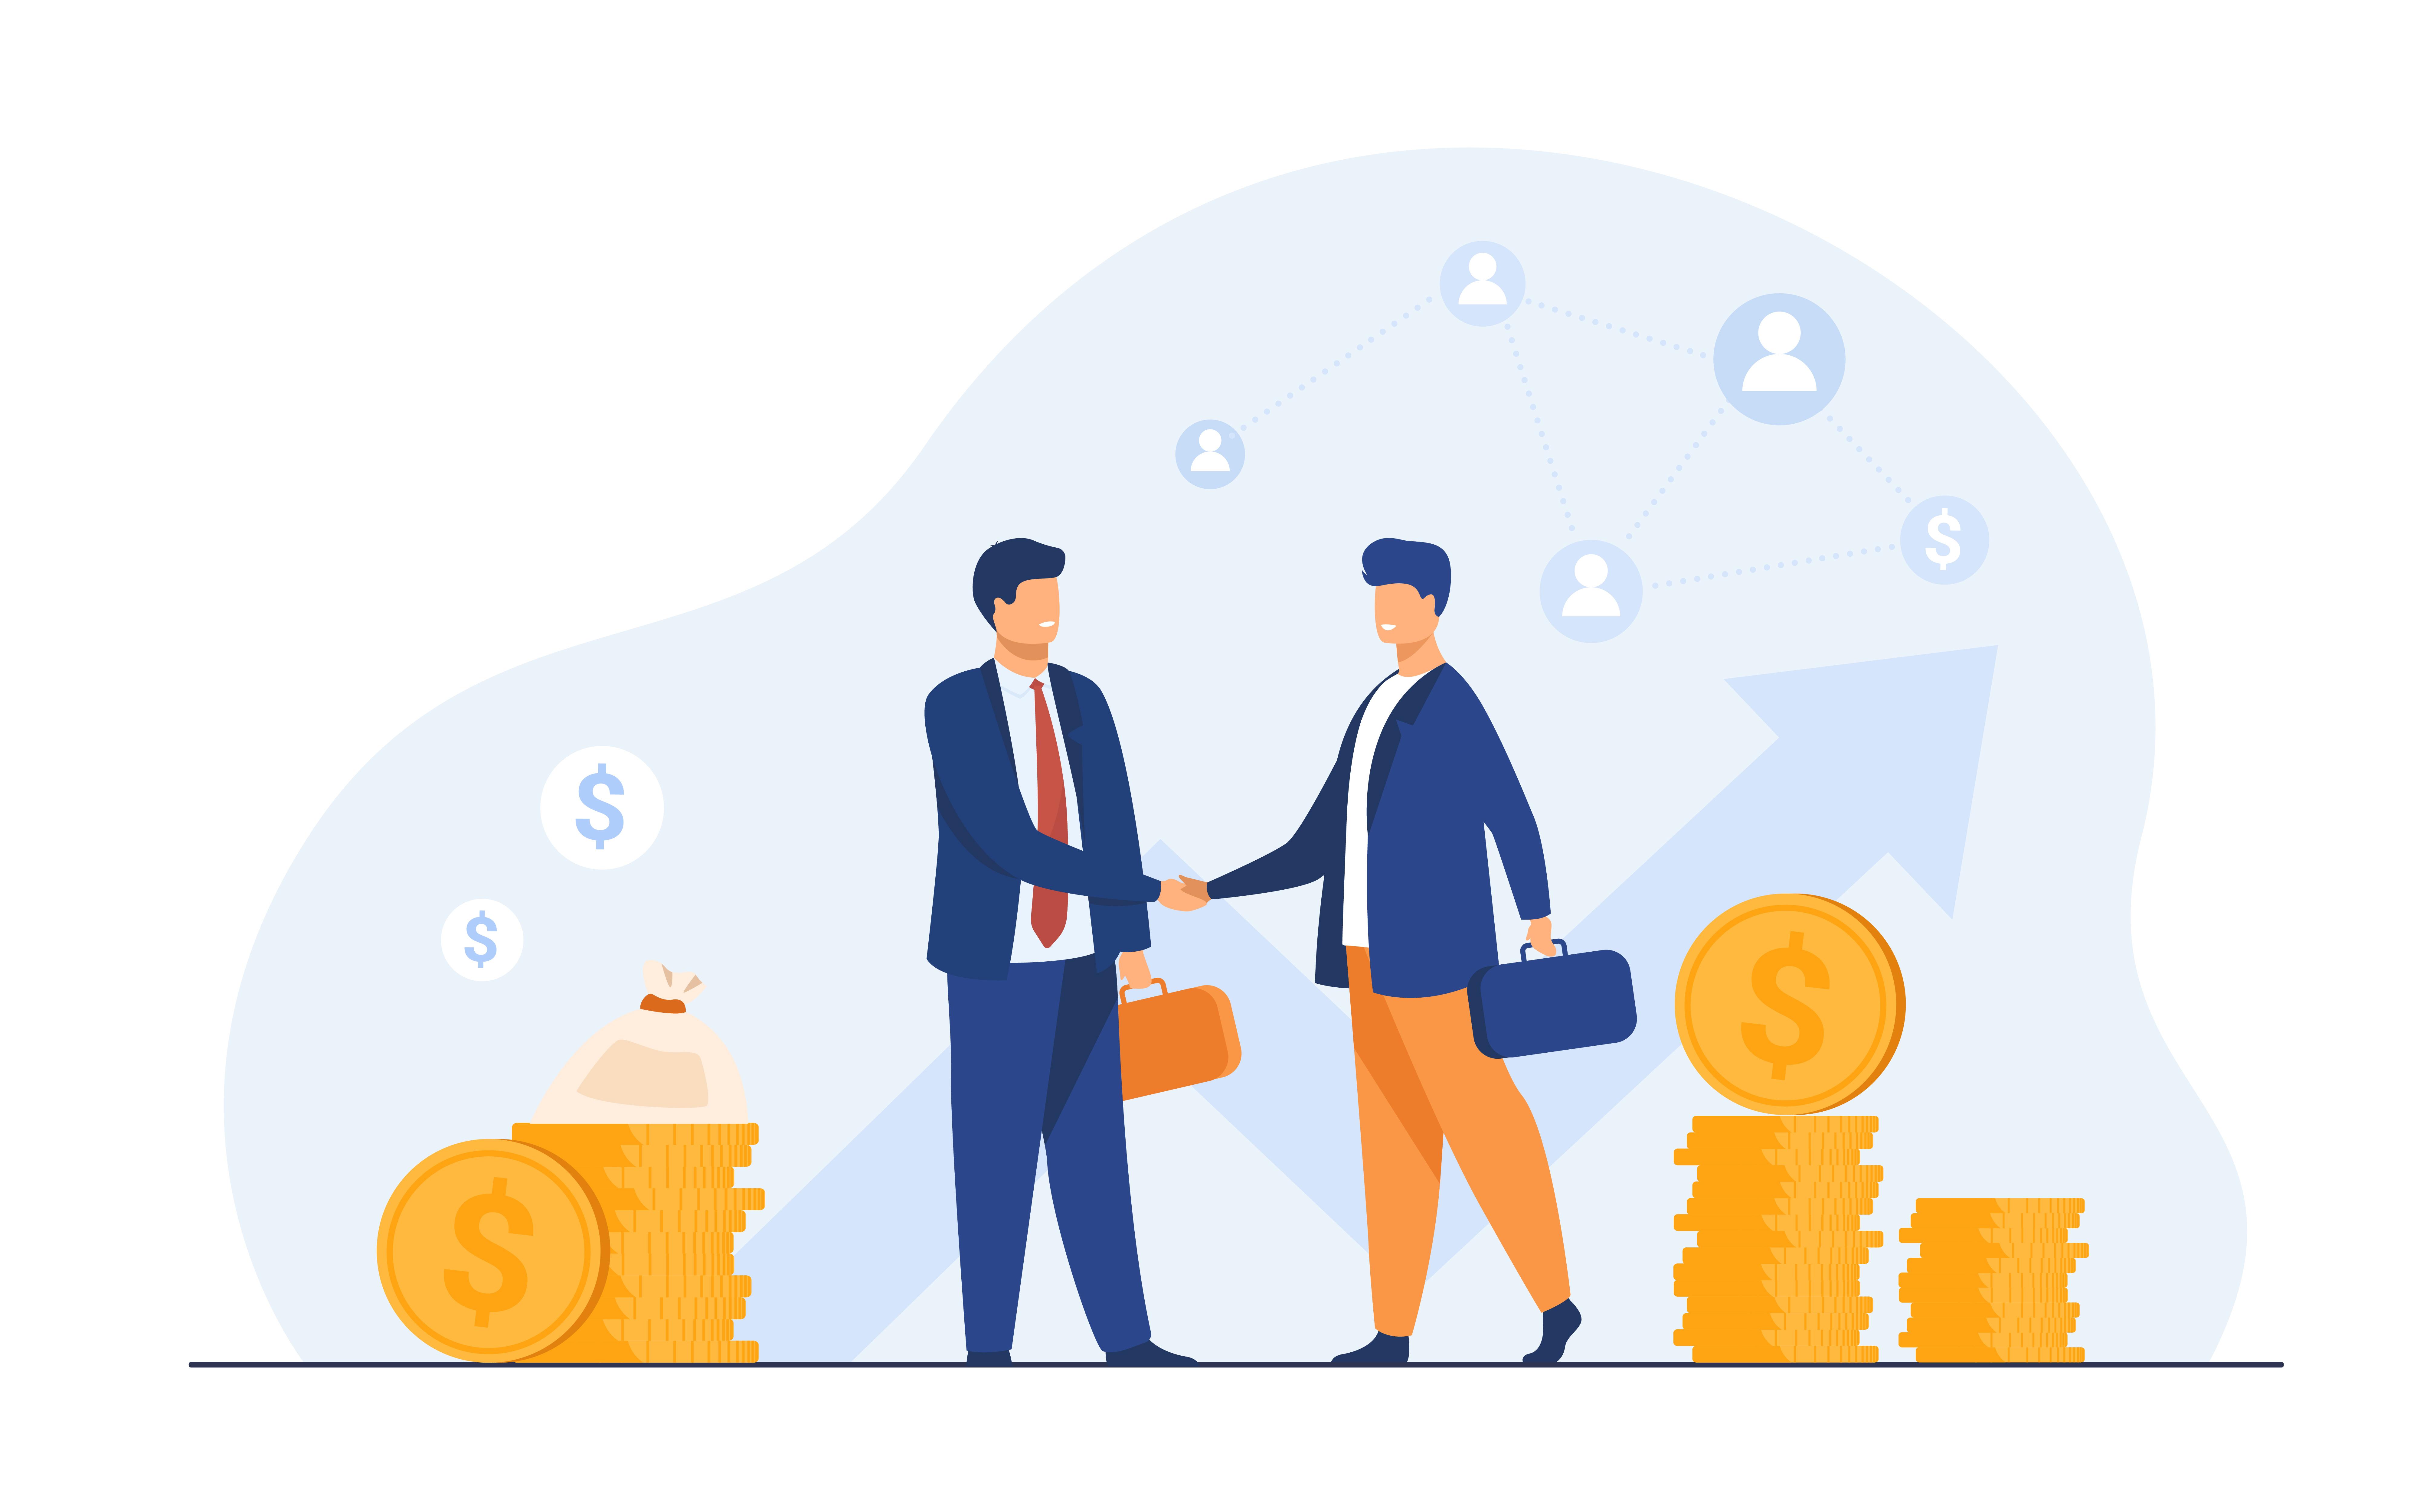 Pricing - Avaliação de Novos Negócios